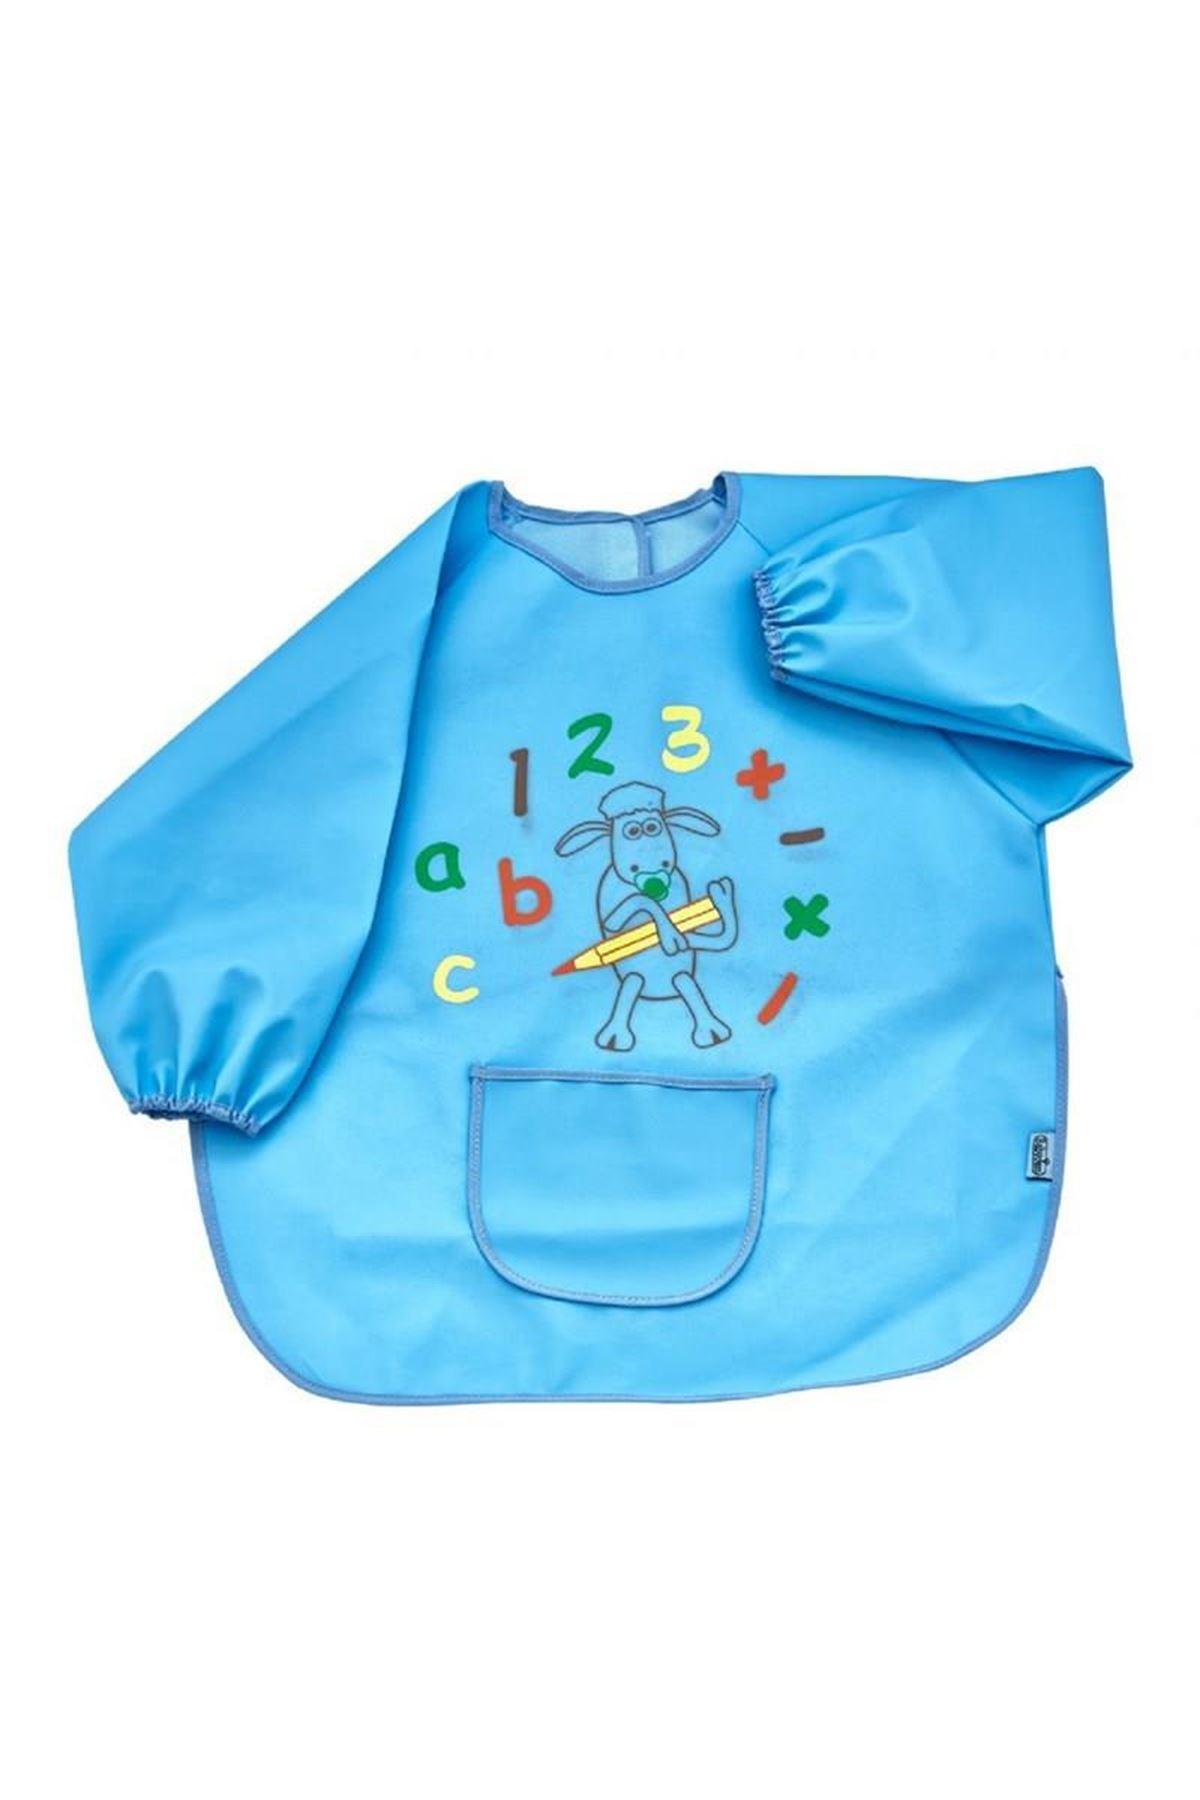 BabyJem Bebek Faaliyet Önlüğü Kollu 049 Mavi